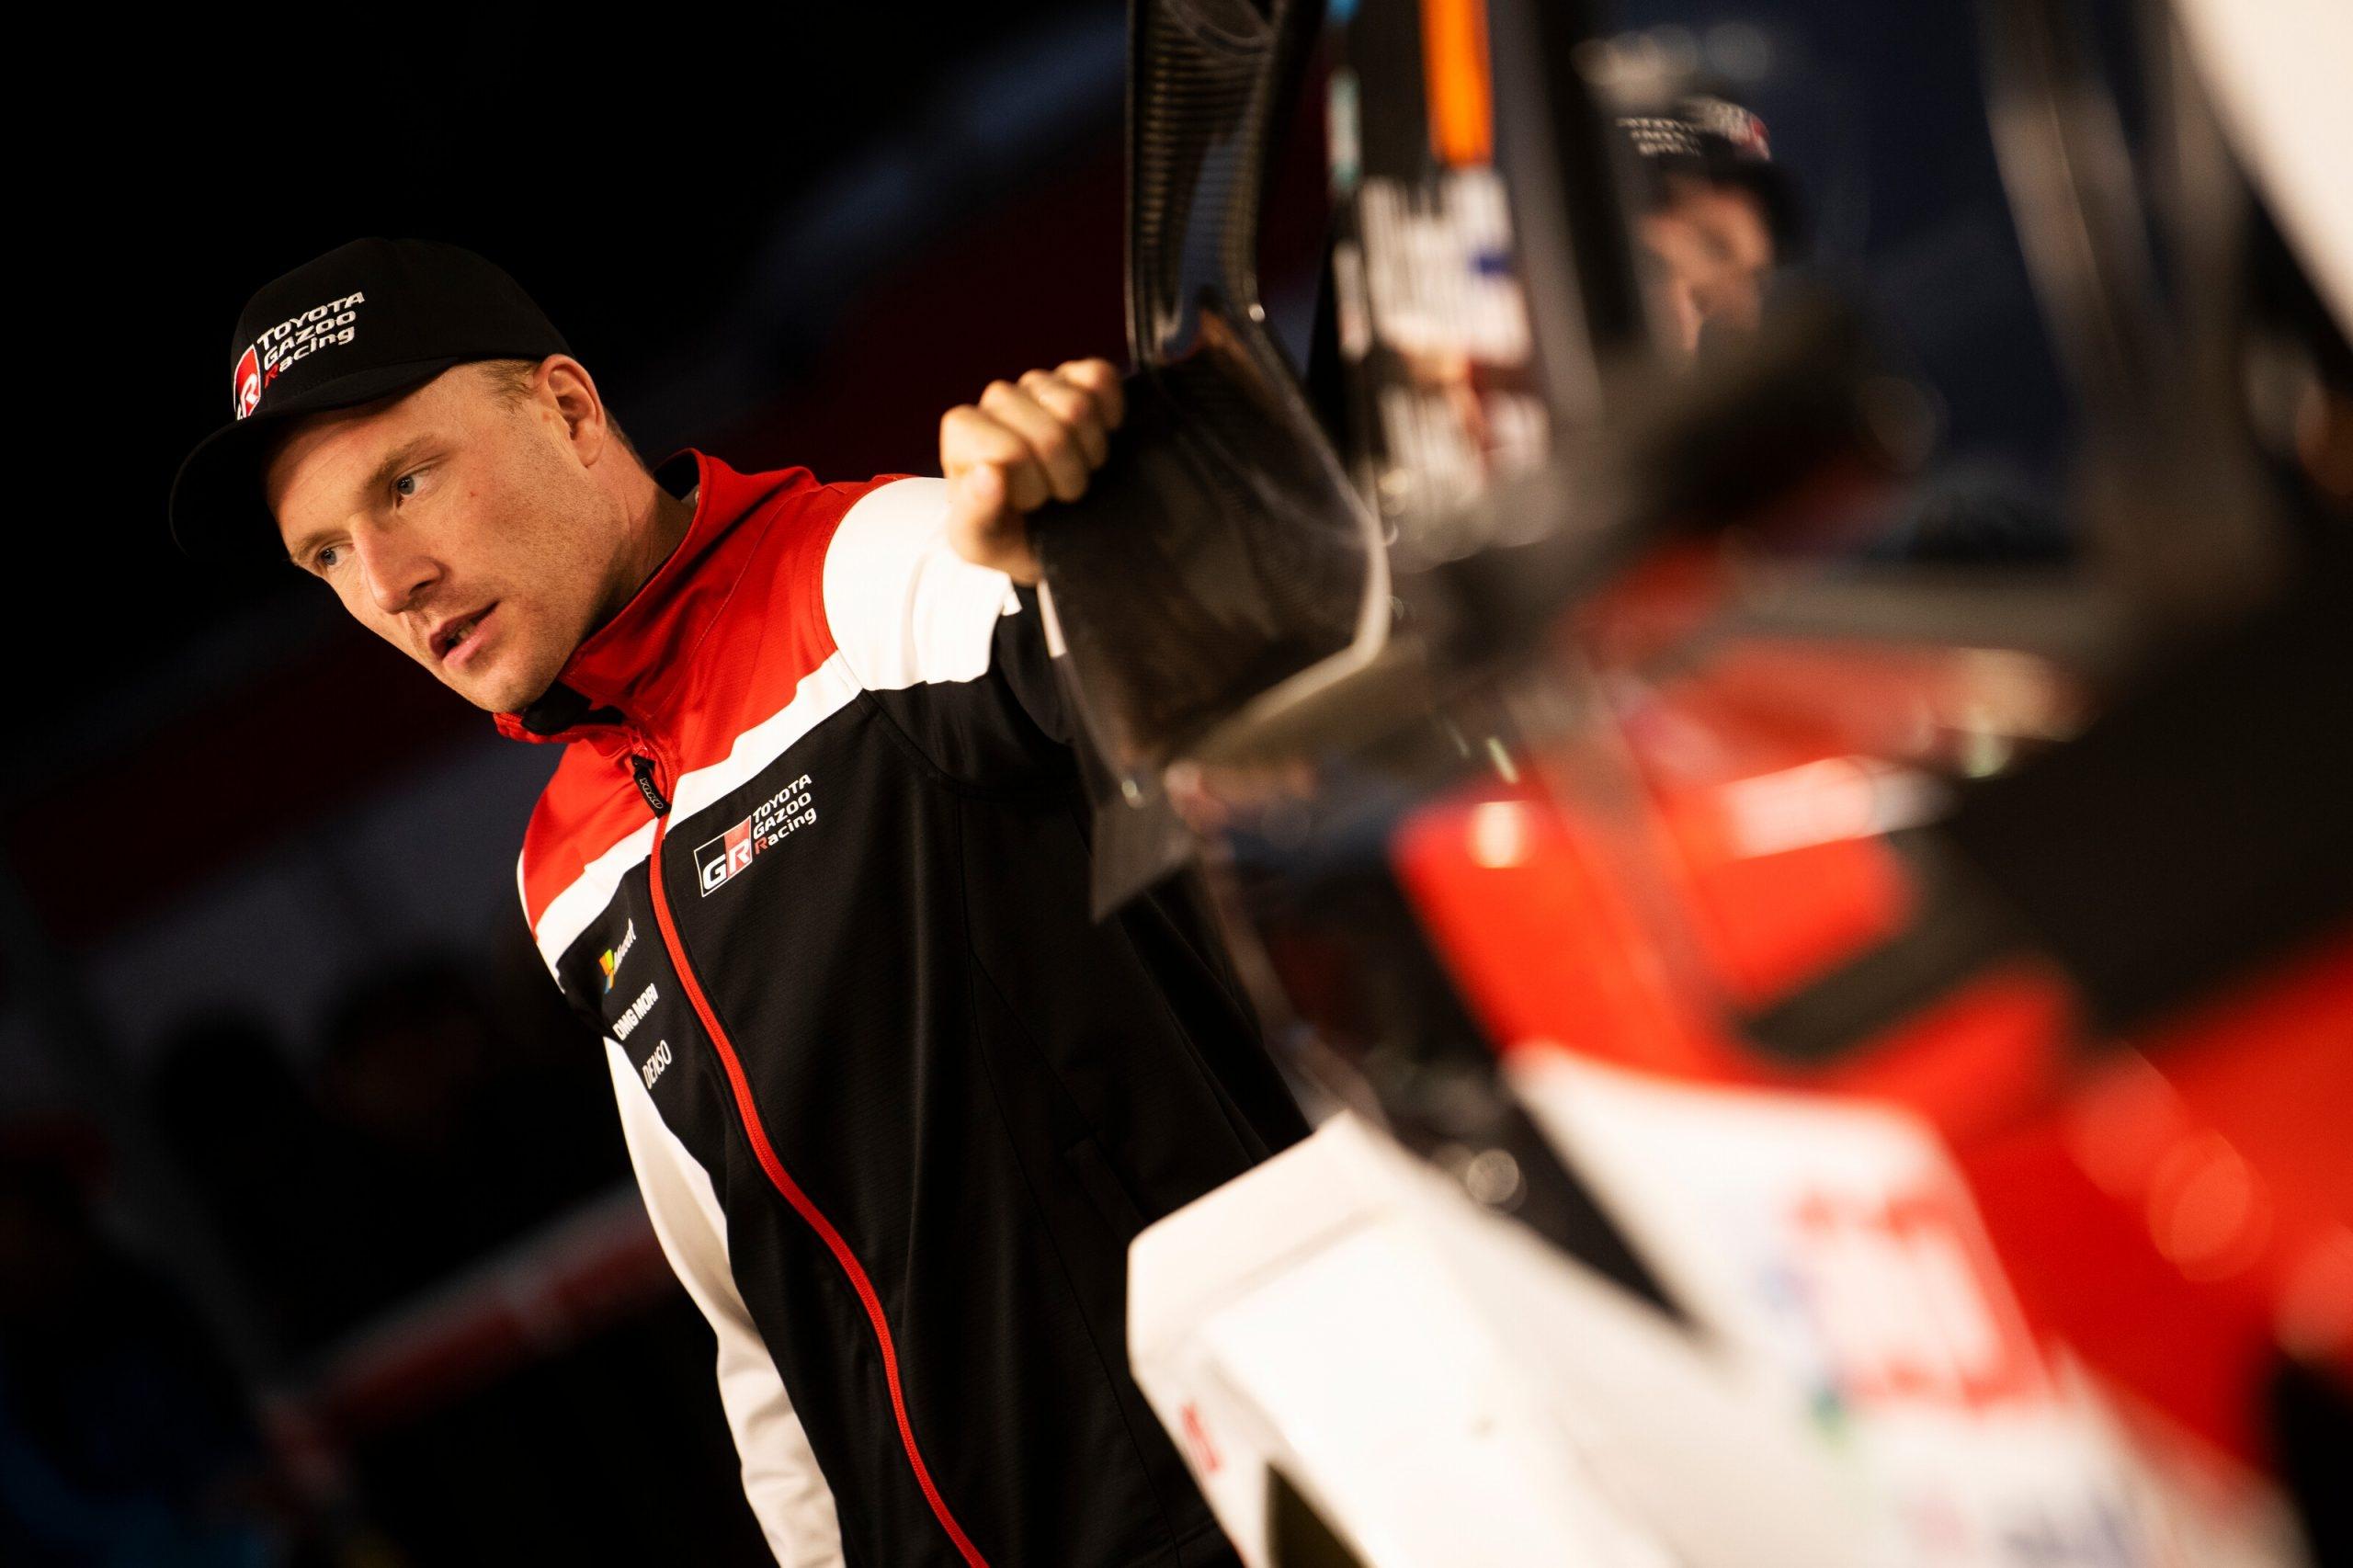 Пилотът от Световния автомобилен рали шампионат (WRC) Яри-Мати Латвала има